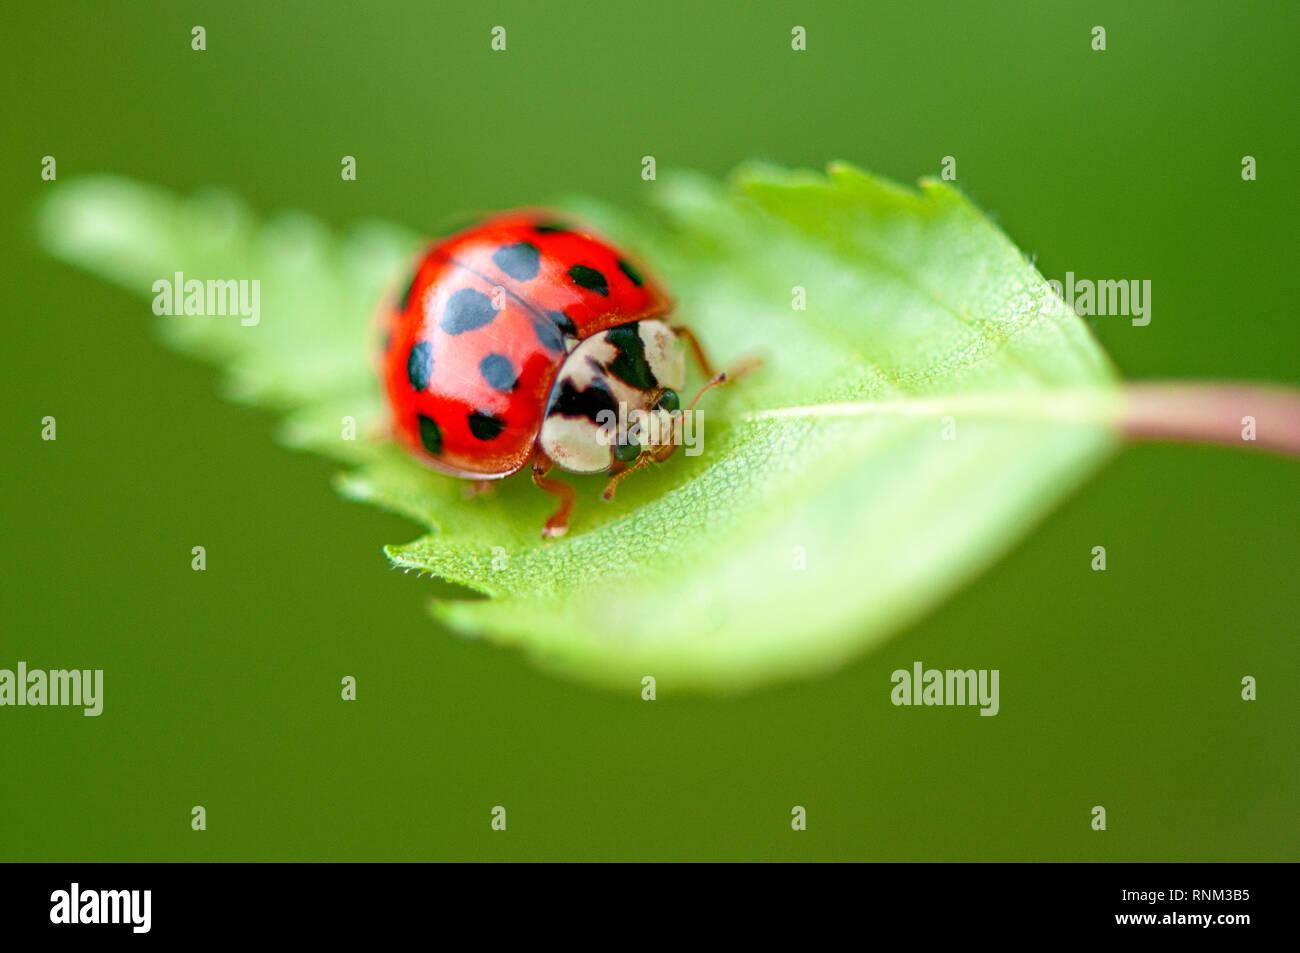 Image en gros plan d'Harmonia axyridis, plus communément connu sous le nom de la coccinelle asiatique multicolore, Arlequin, ou simplement ladybeetle Asiatique Banque D'Images